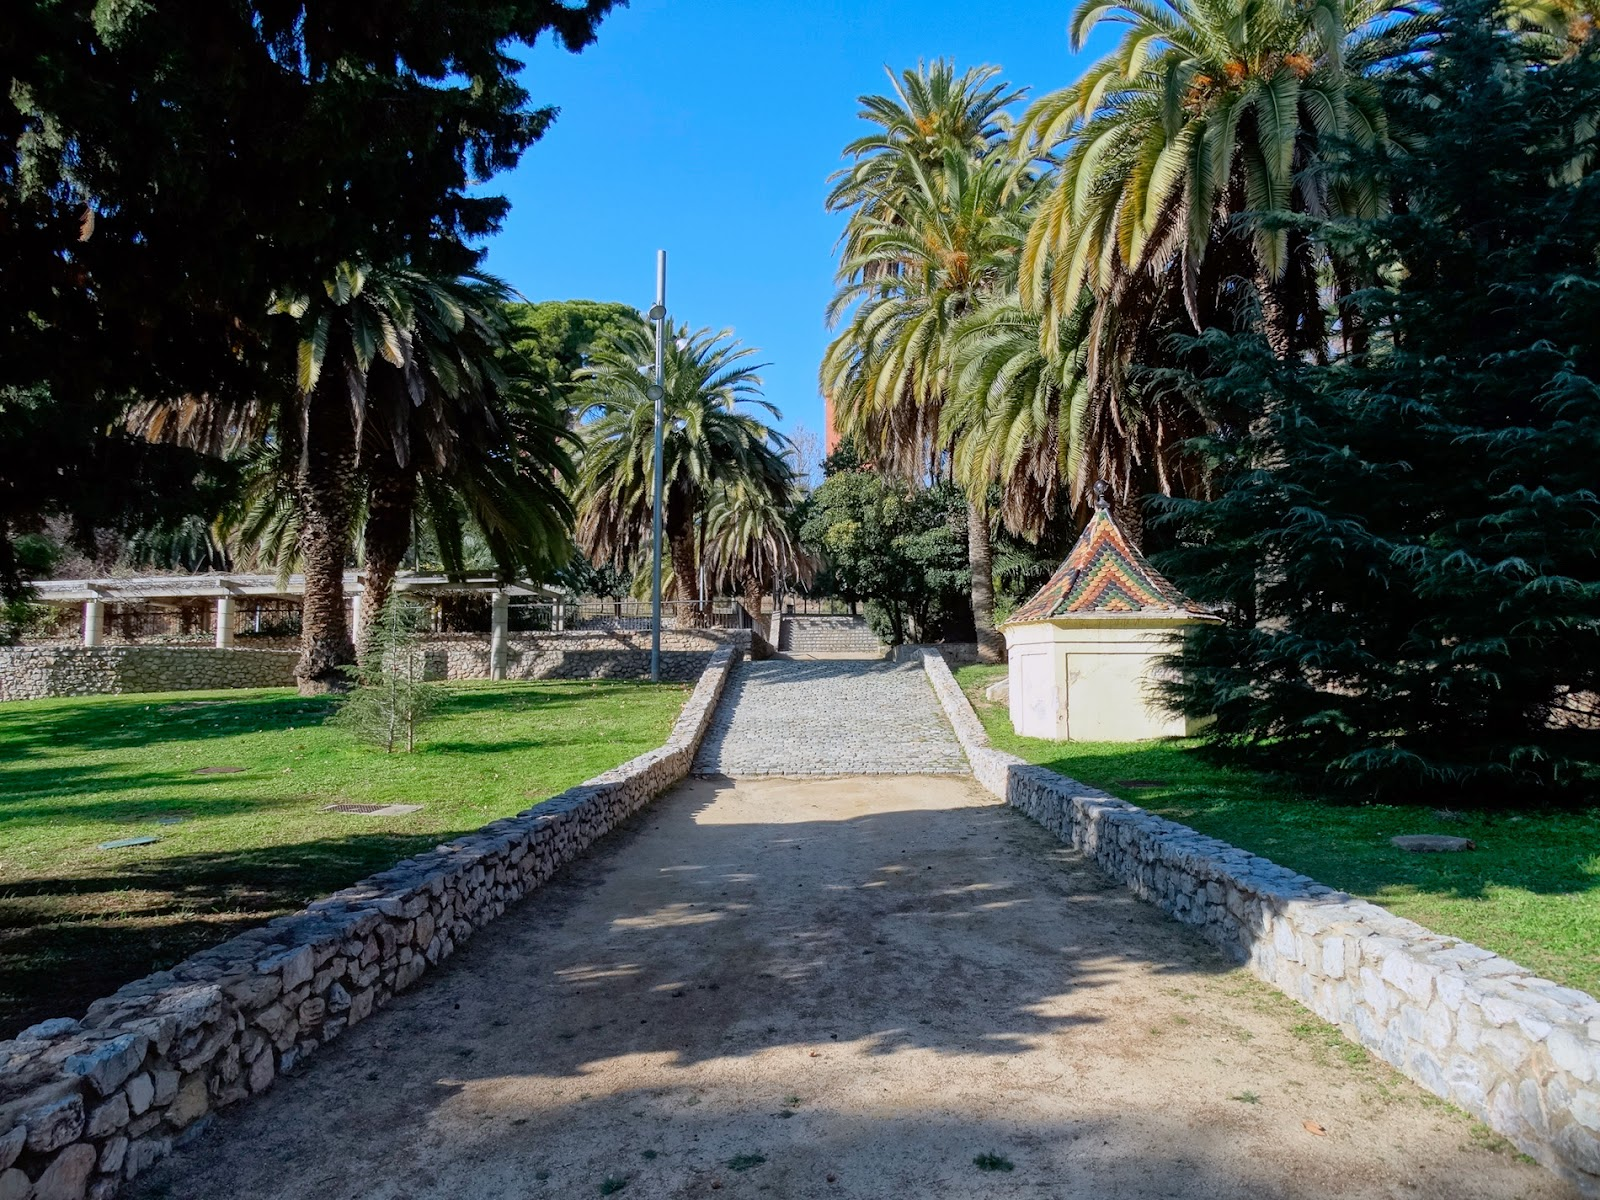 peregrinus can mercader los jardines de palacio On los jardines de palacio